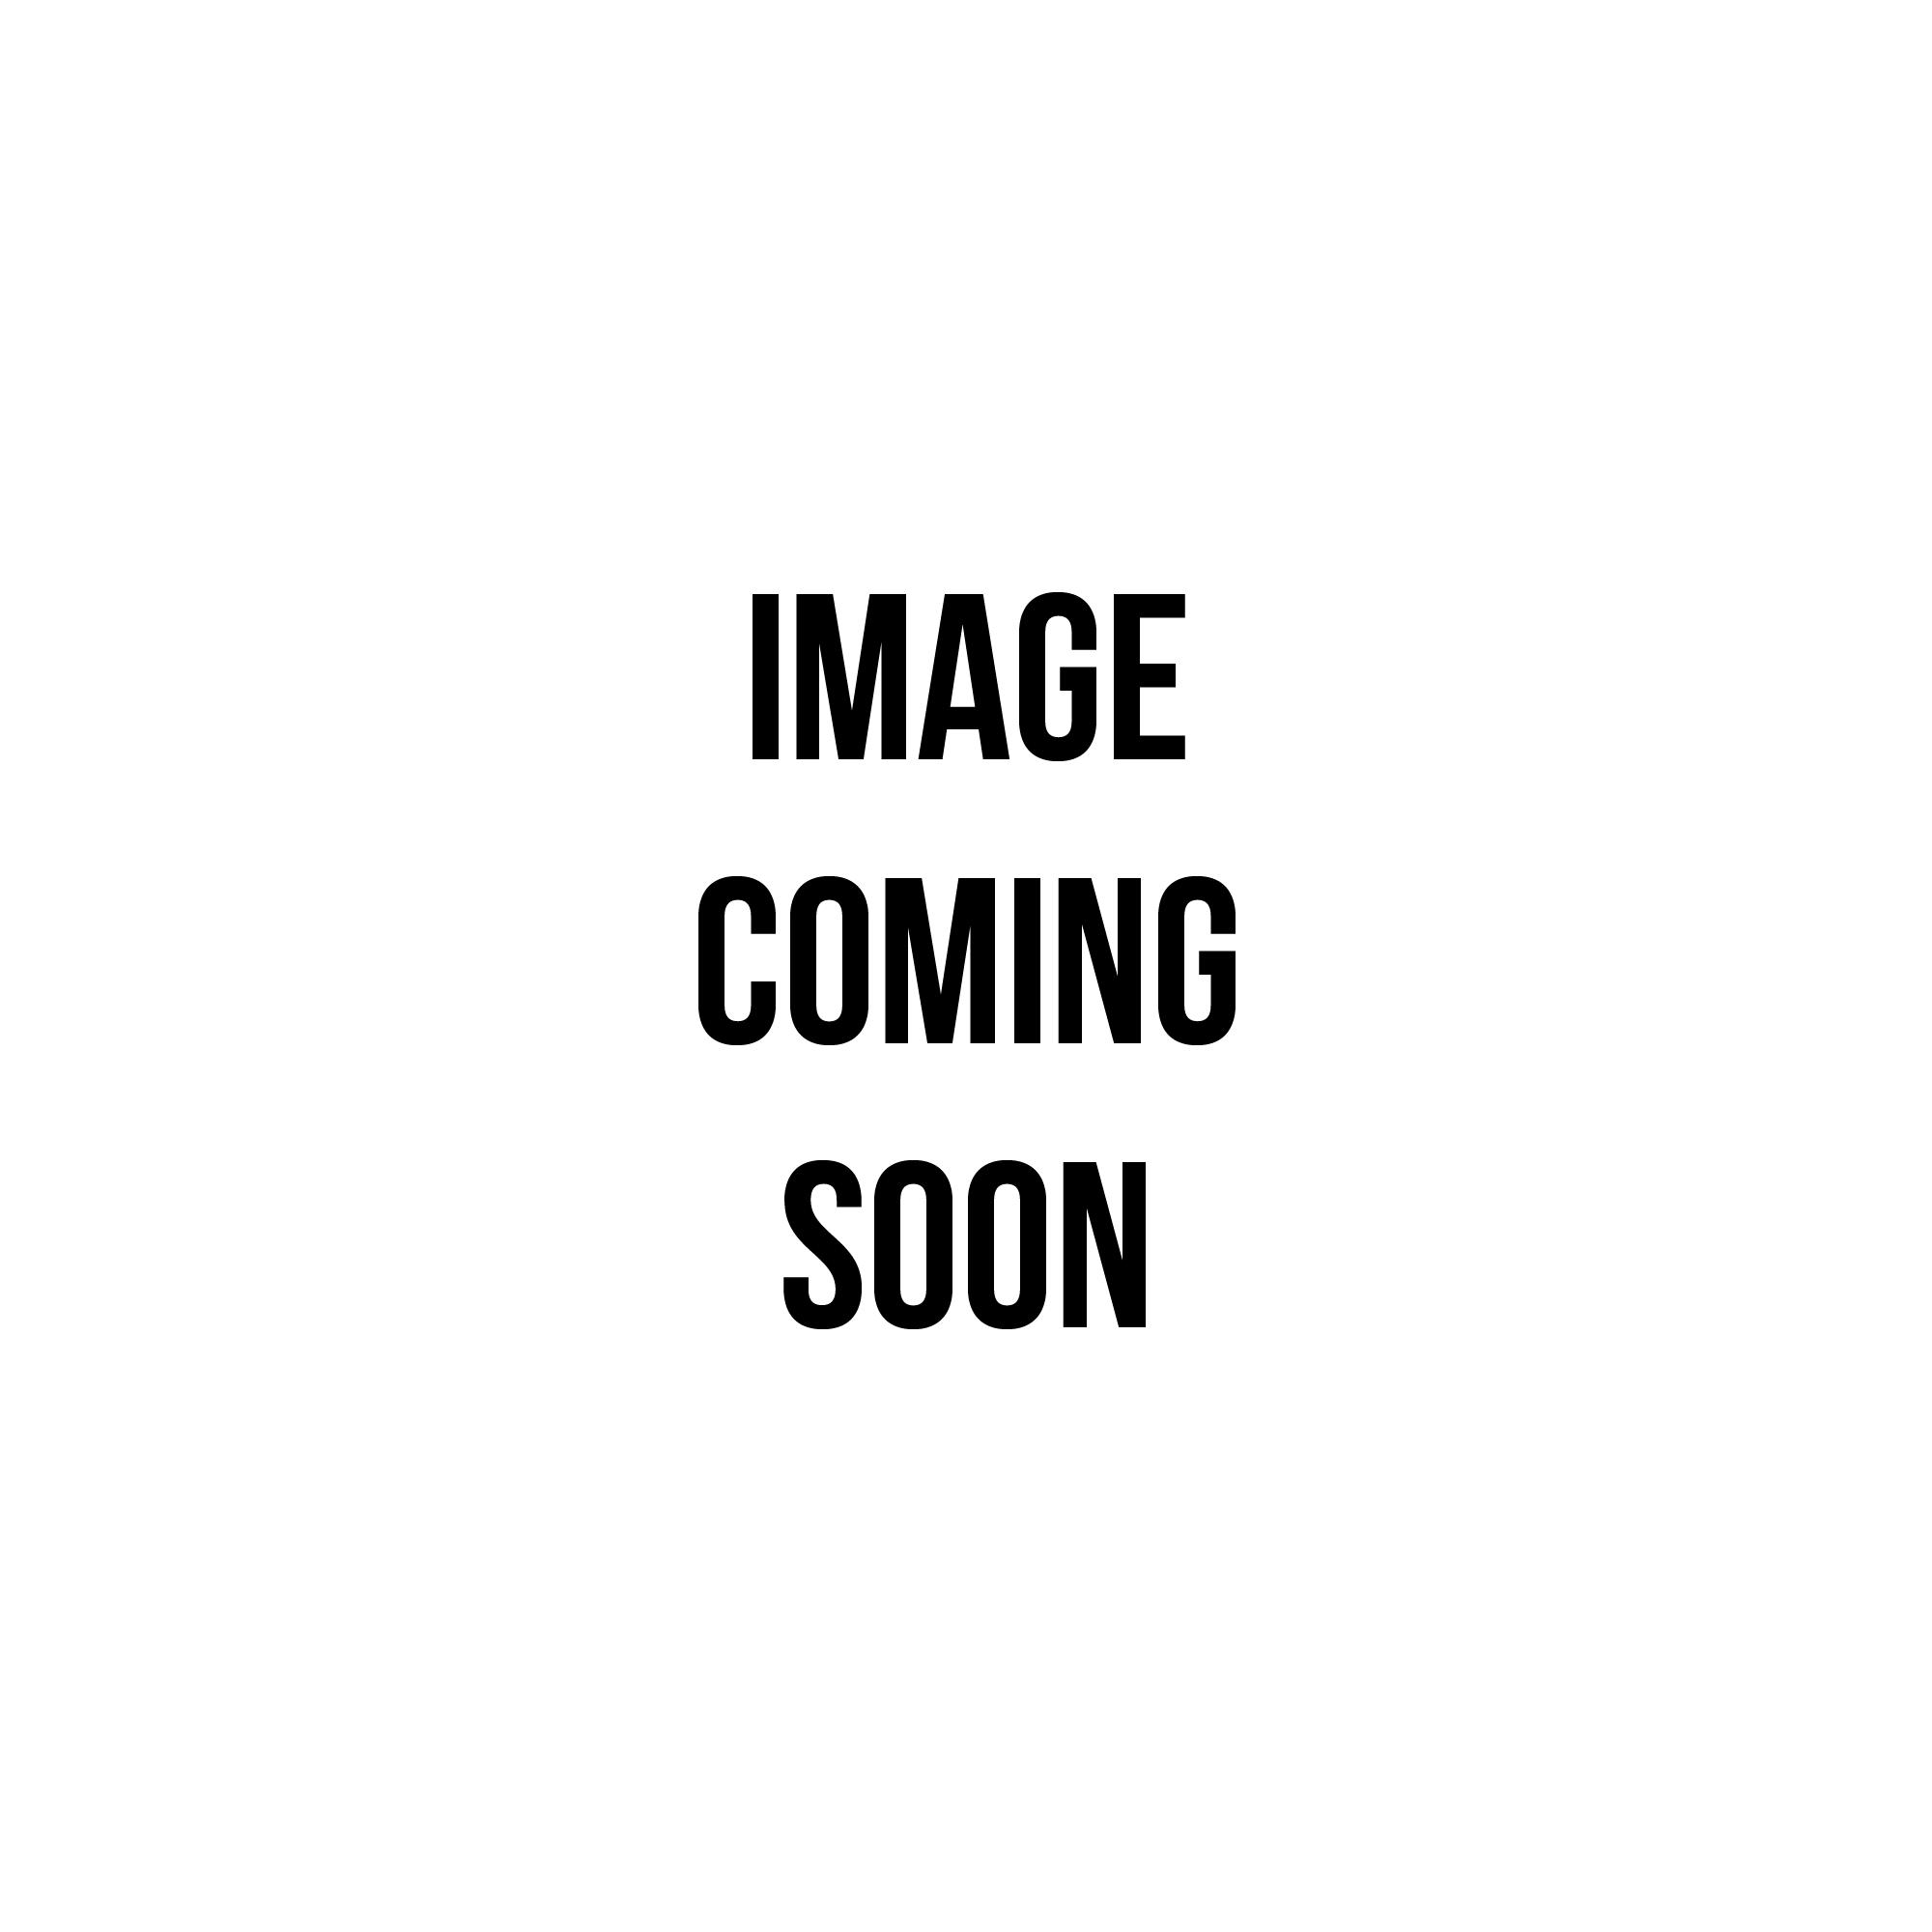 Nike Filles Huarache École Primaire Gris Noir Rose prix incroyable sortie recommander pas cher vue à vendre IDiLWM4